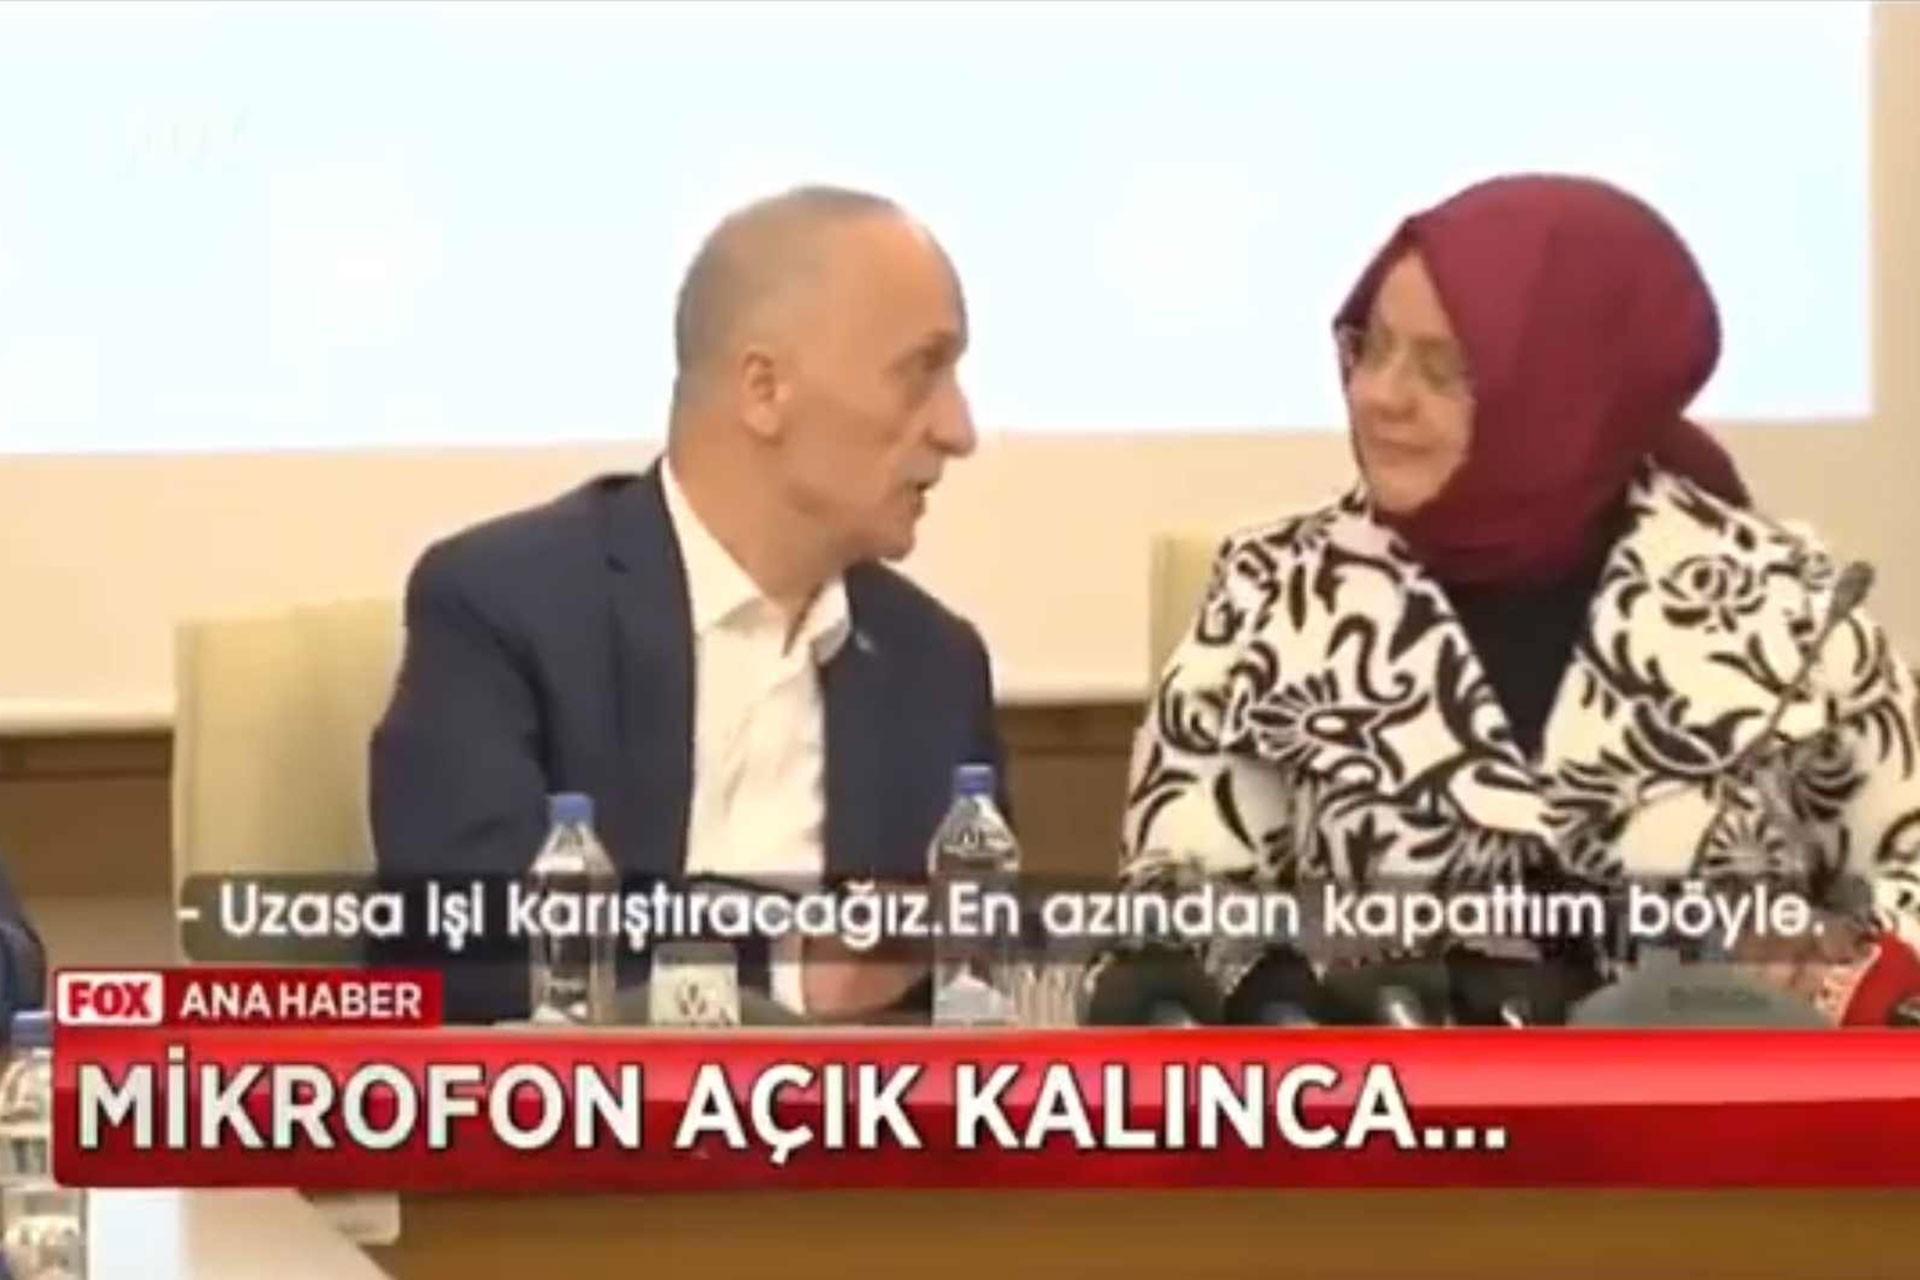 Türk-İş, patrona teşvik paketine destek verdi; üyeleri tepki gösterdi